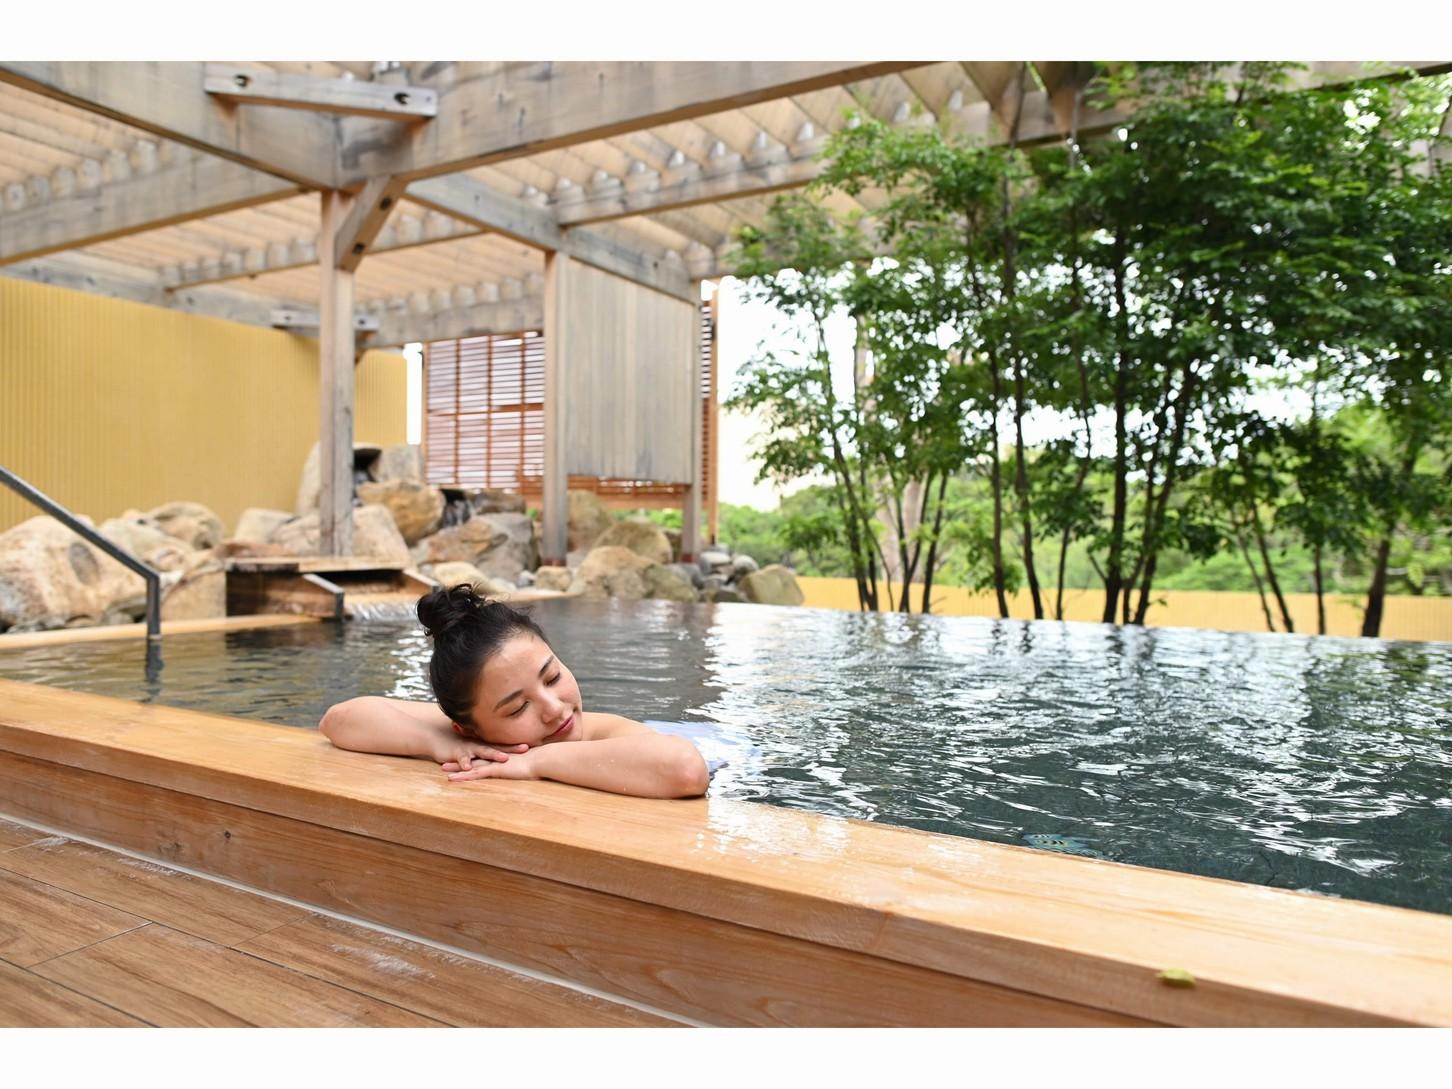 【冬春旅セール】【朝食無料】観光やビジネスにも☆気軽に温泉旅・白浜を楽しもう!